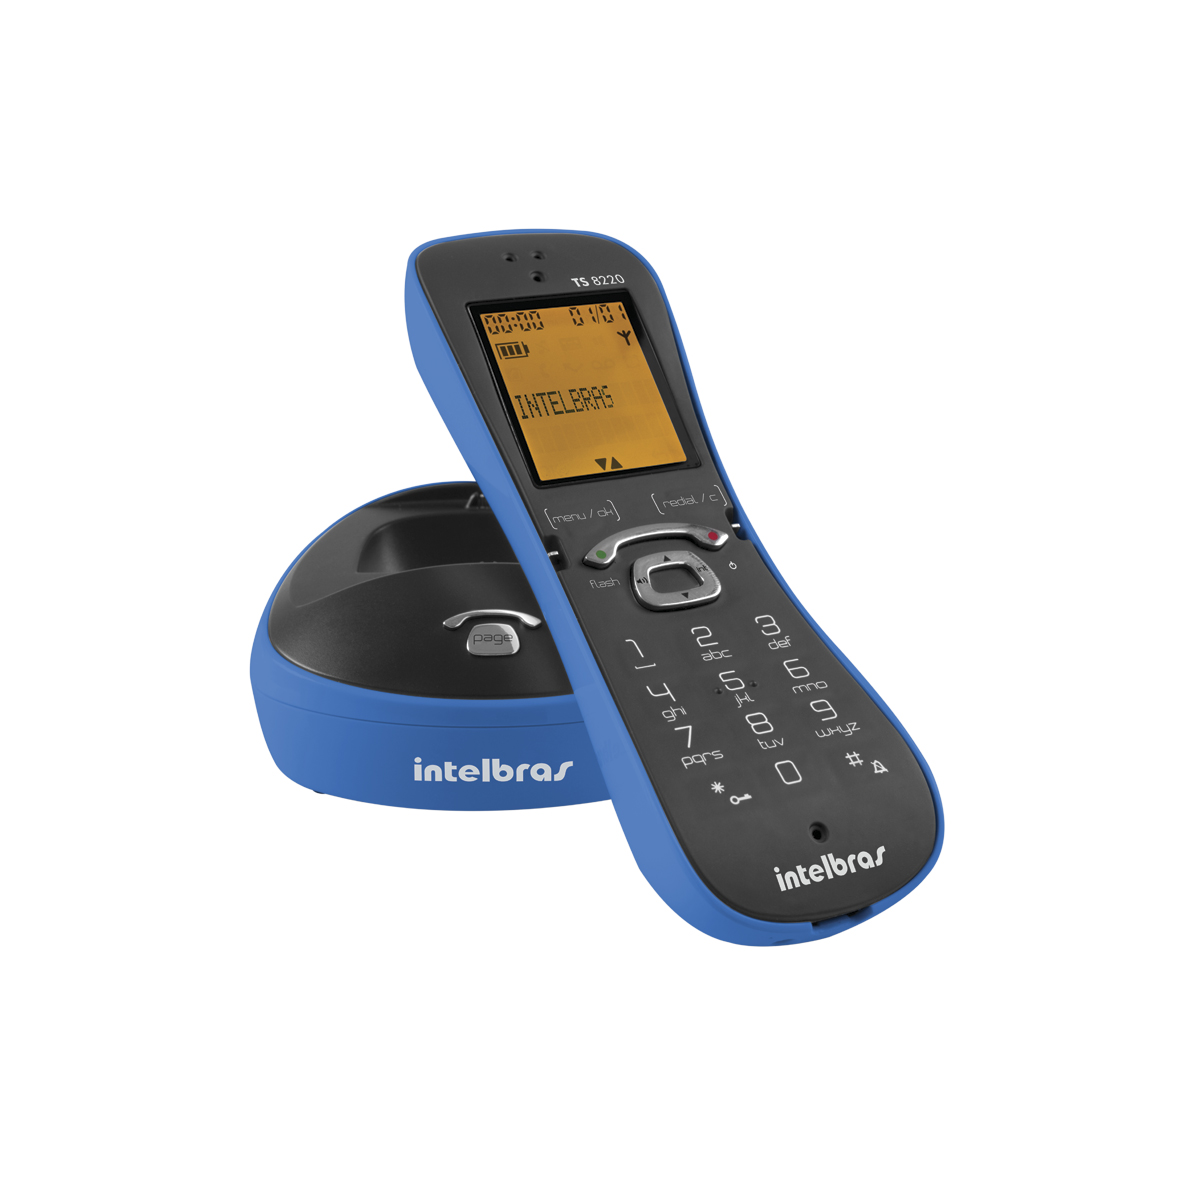 Telefone Intelbras TS 8220 sem fio - Hope Tech Telecomunicações